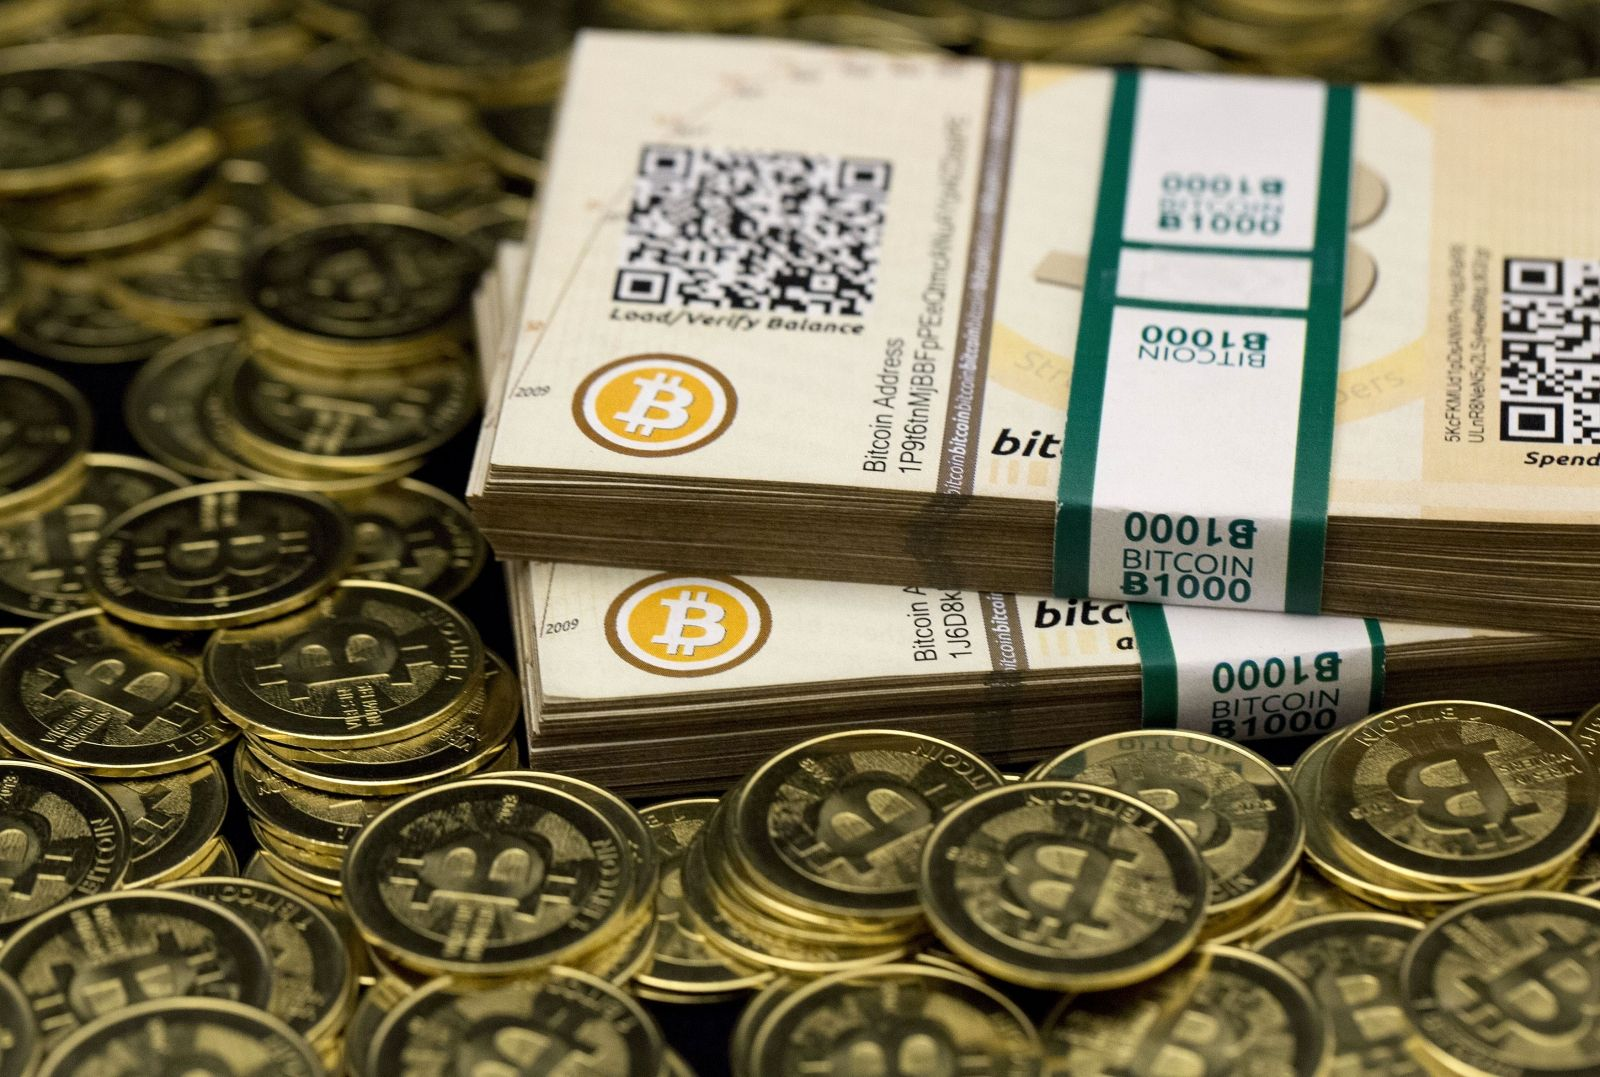 Bitcoin use in Greece